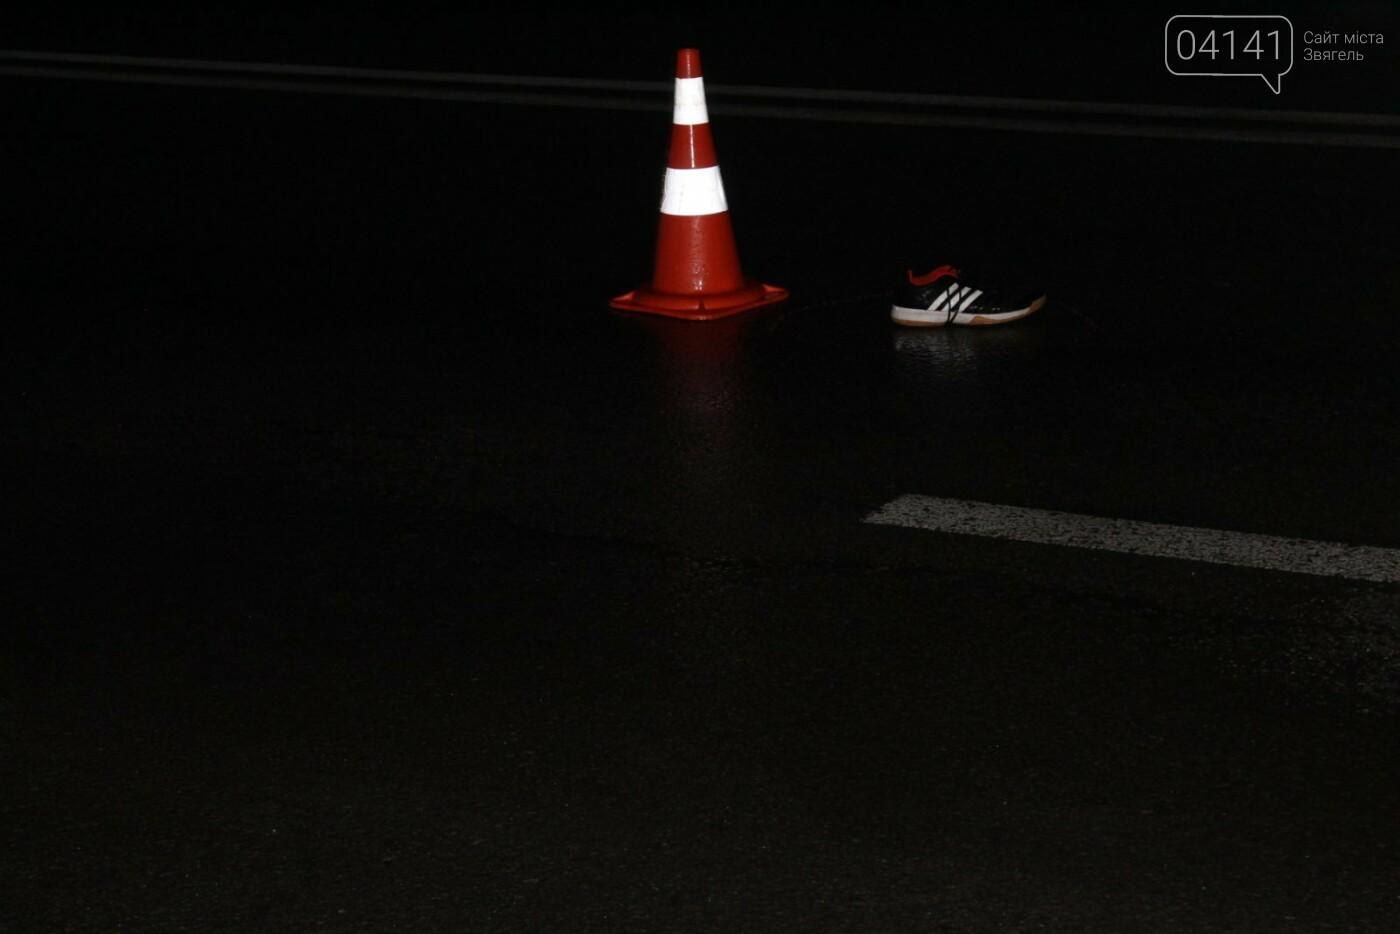 У Новограді водій збив насмерть хлопця та втік з місця пригоди (ФОТО, ВІДЕО з місця ДТП), фото-9